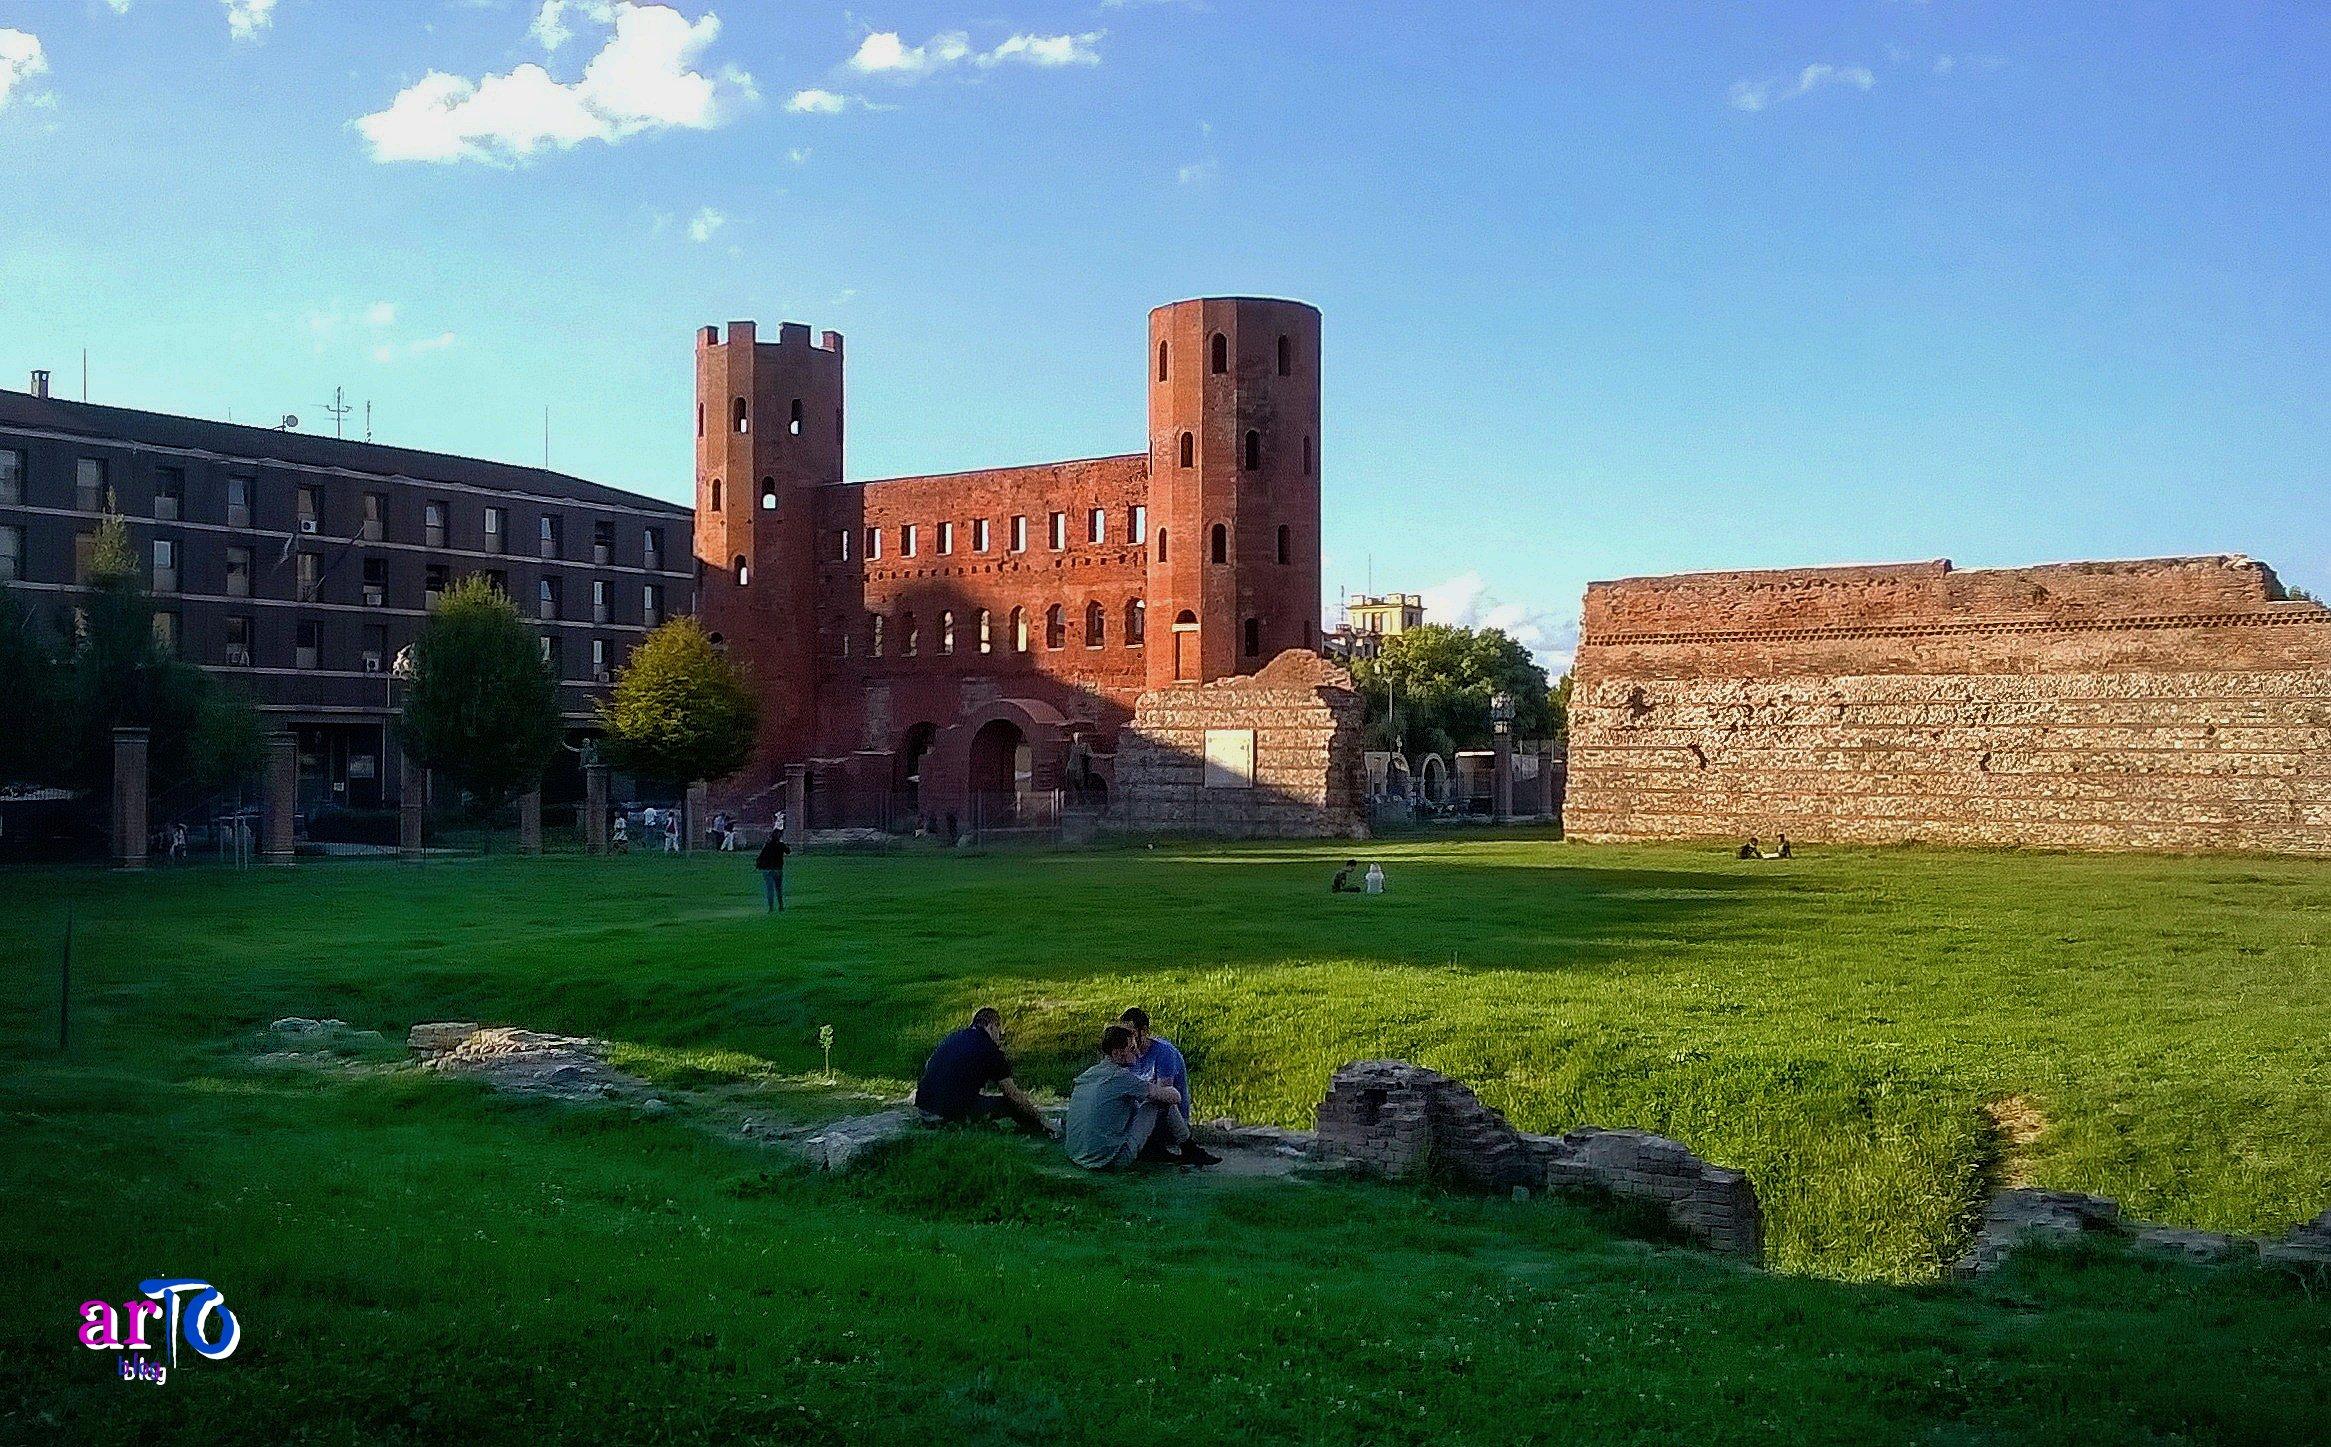 Porta Palatina nel corso dei secoli - Parco archeologico della Porta Palatina